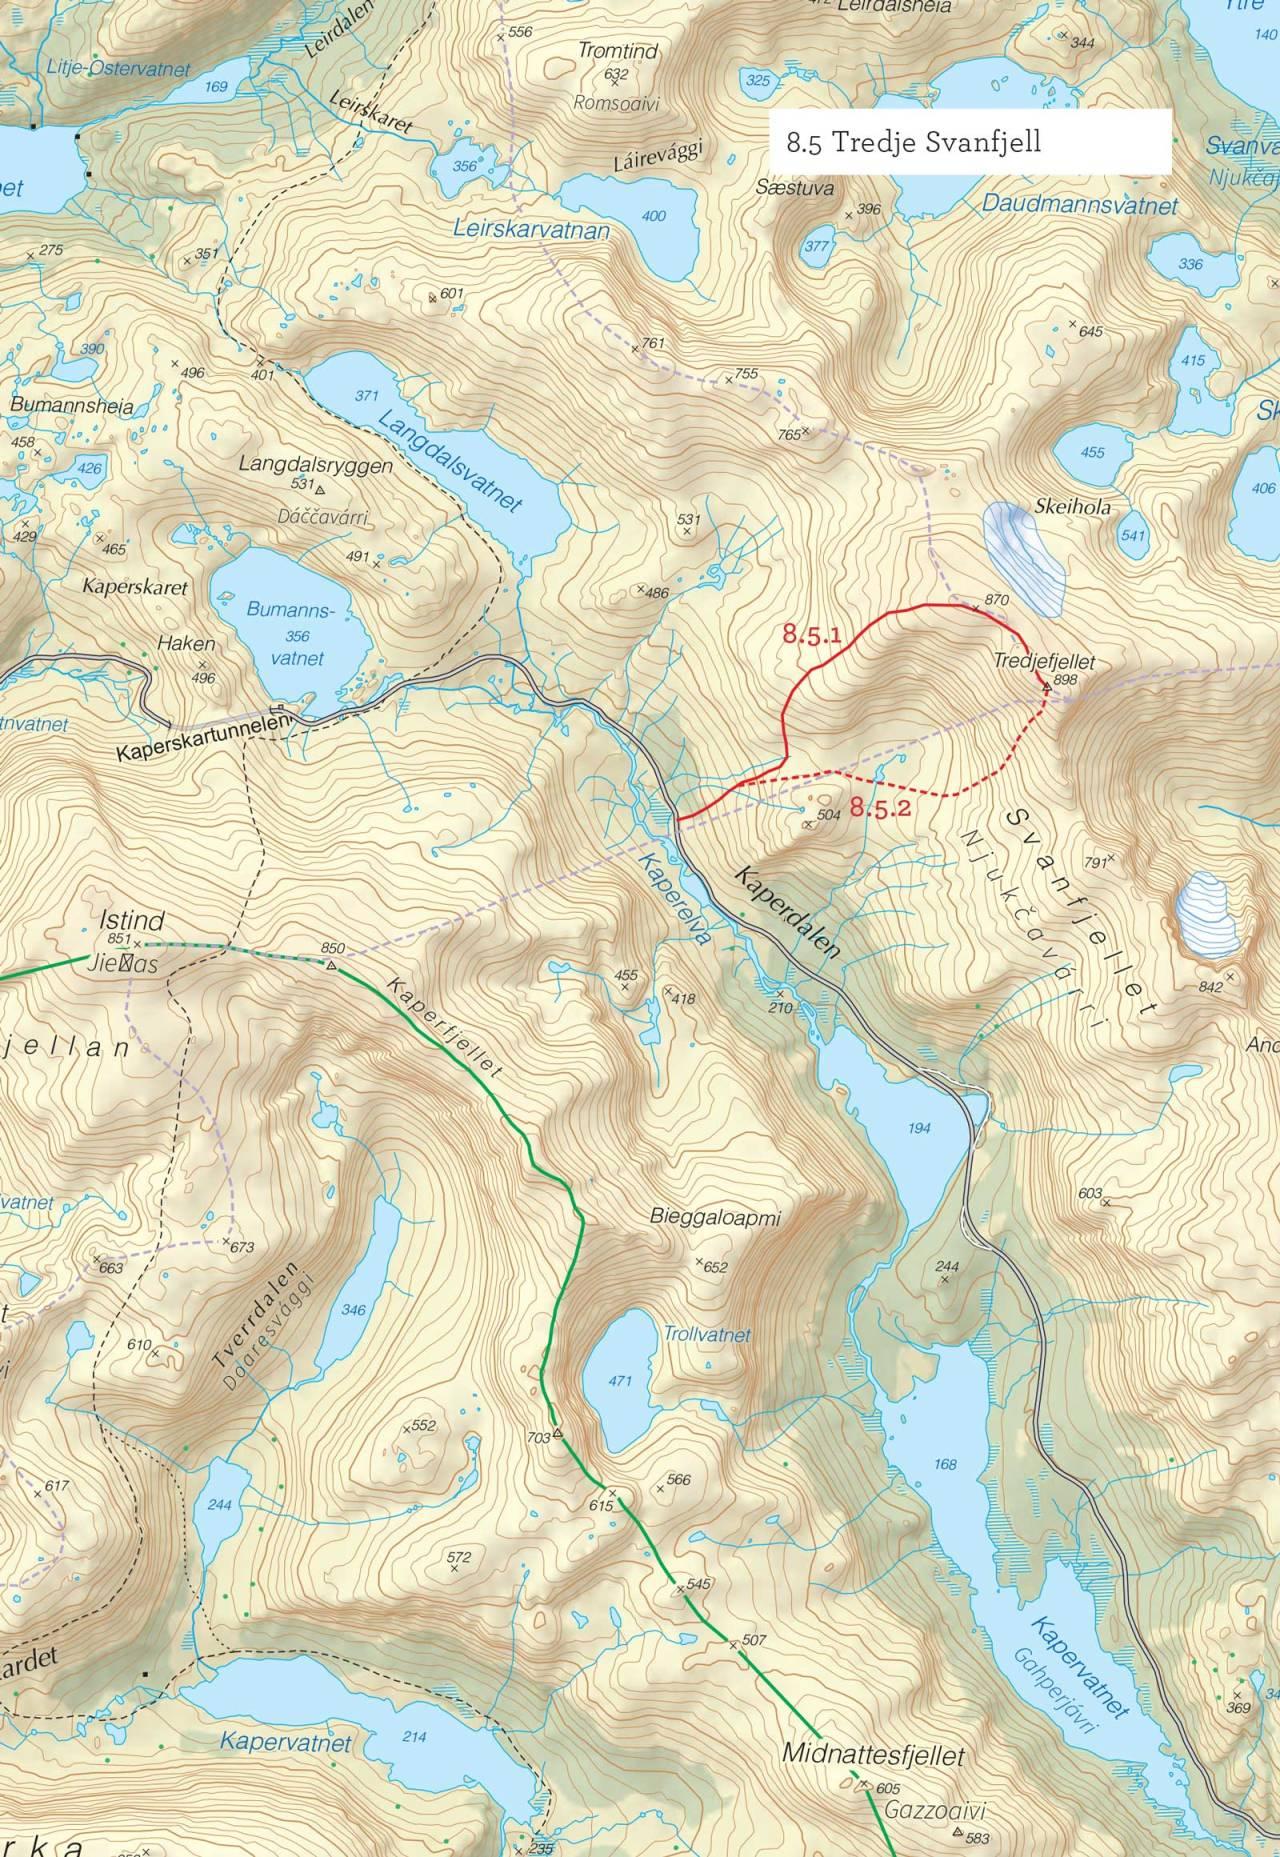 Oversiktskart over Tredje Svanfjell med inntegnet rute. Fra Toppturer i Troms.